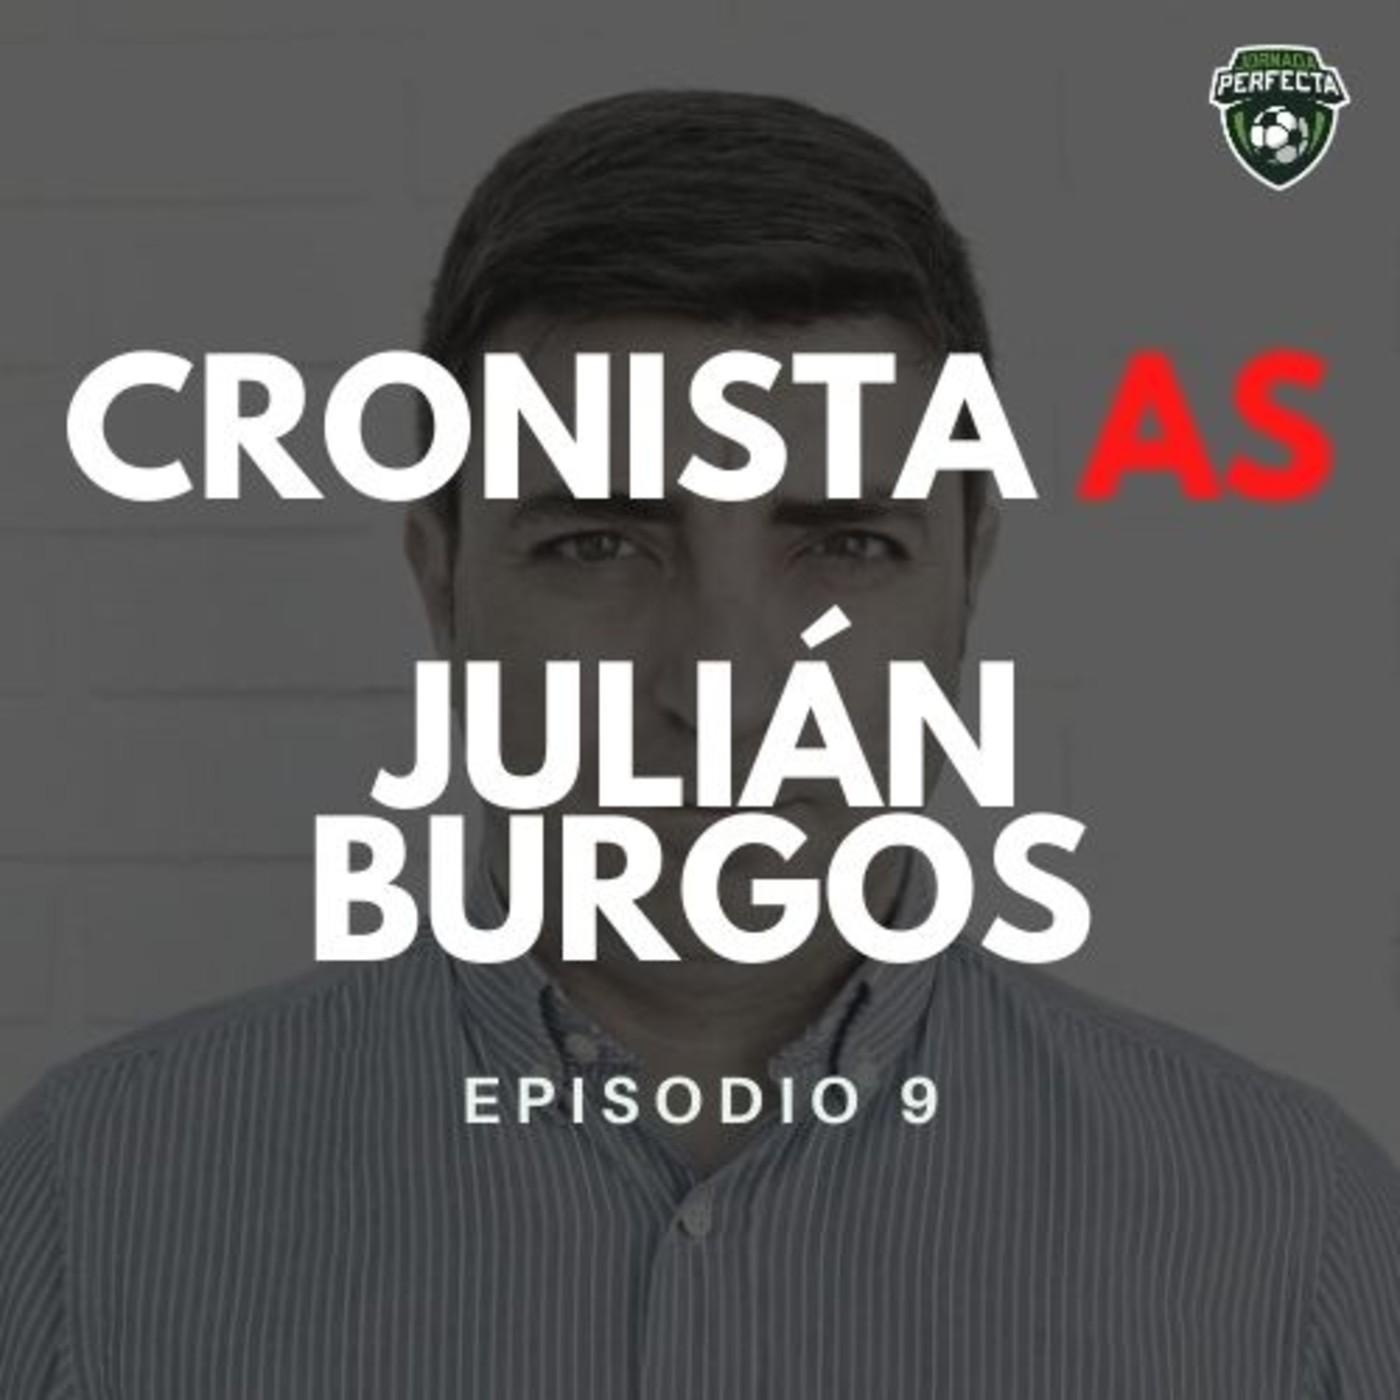 3x09 - ENTREVISTA A JULIÁN BURGOS, CRONISTA AS LEVANTE